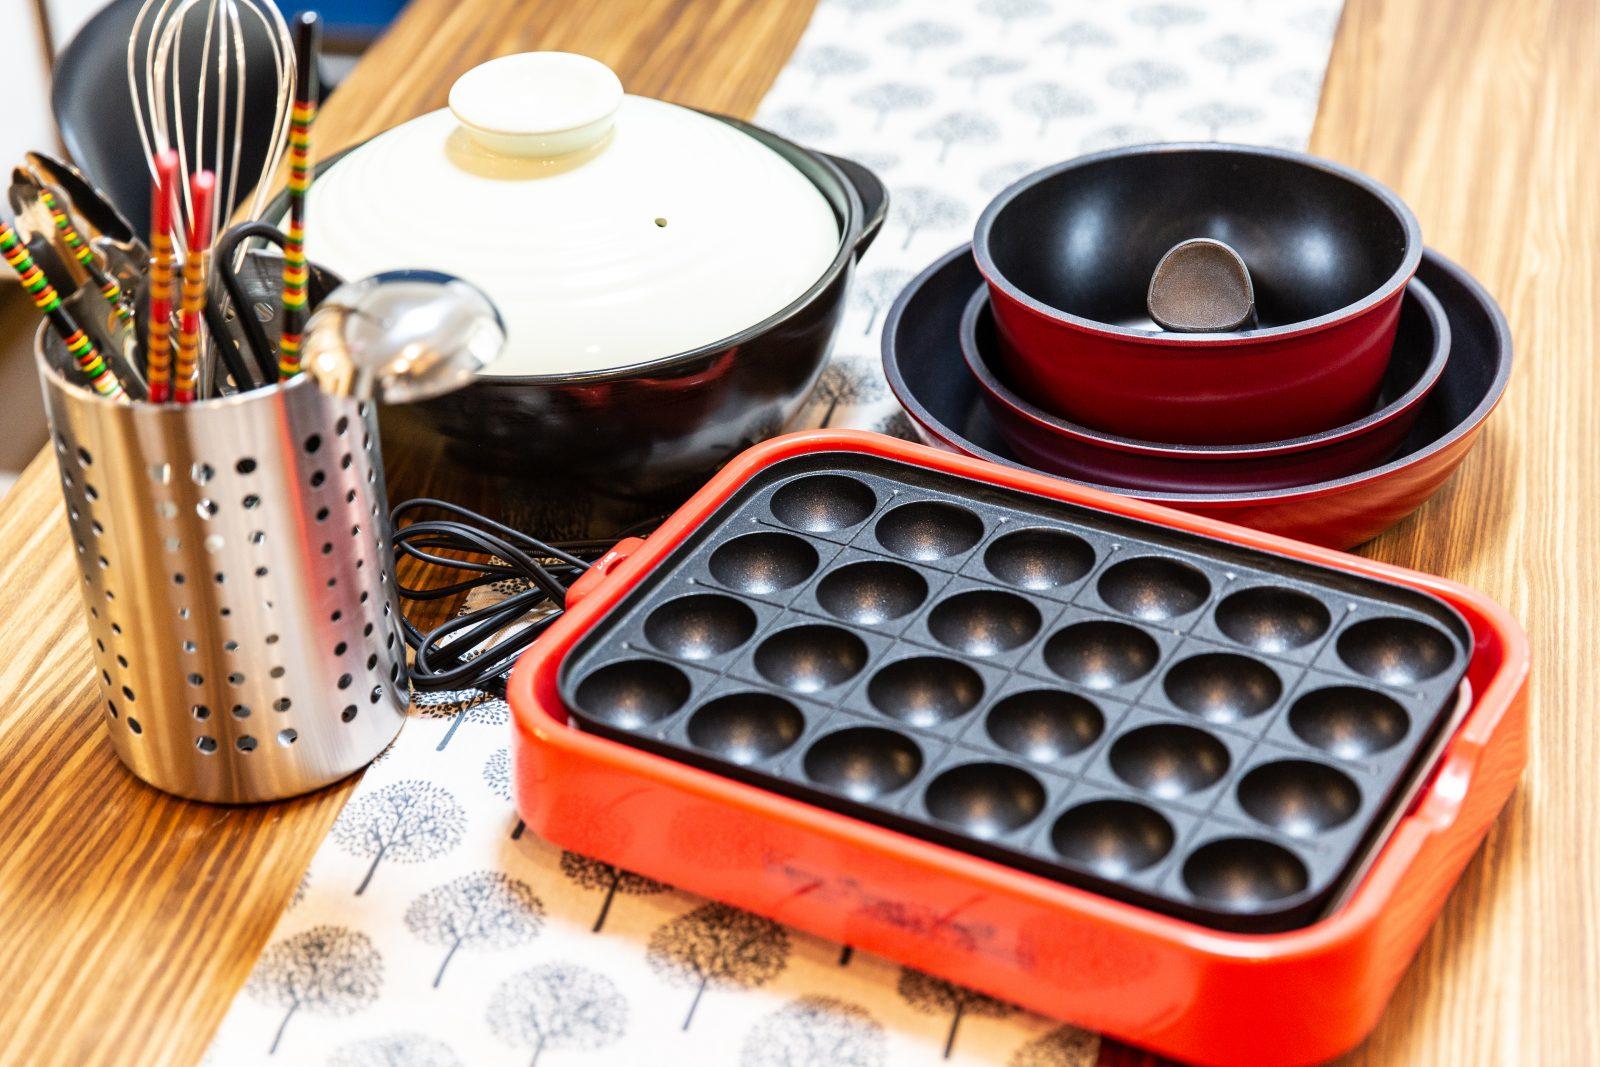 大阪イベントスペースの無料設備のキッチン器具